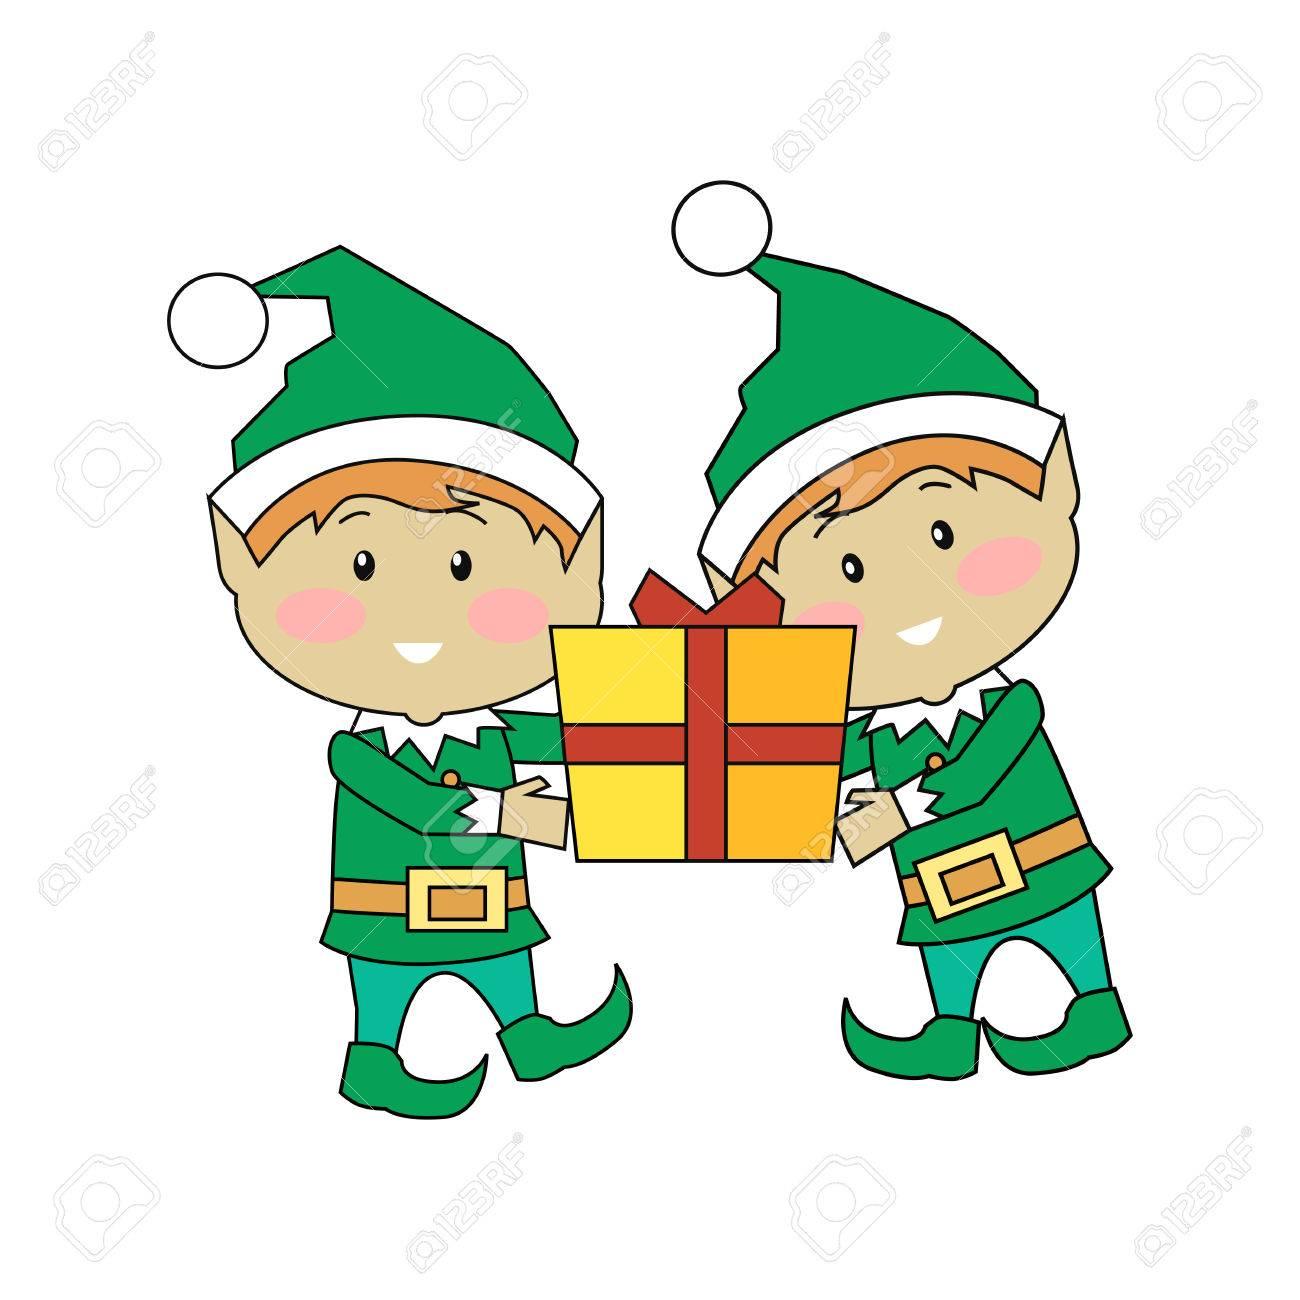 Elfos De Navidad Caja De Regalo Dos Personajes De Dibujos Animados De Navidad Que Llevan Nuevo Año Presente Duende Ayudante De Santas Aislado En